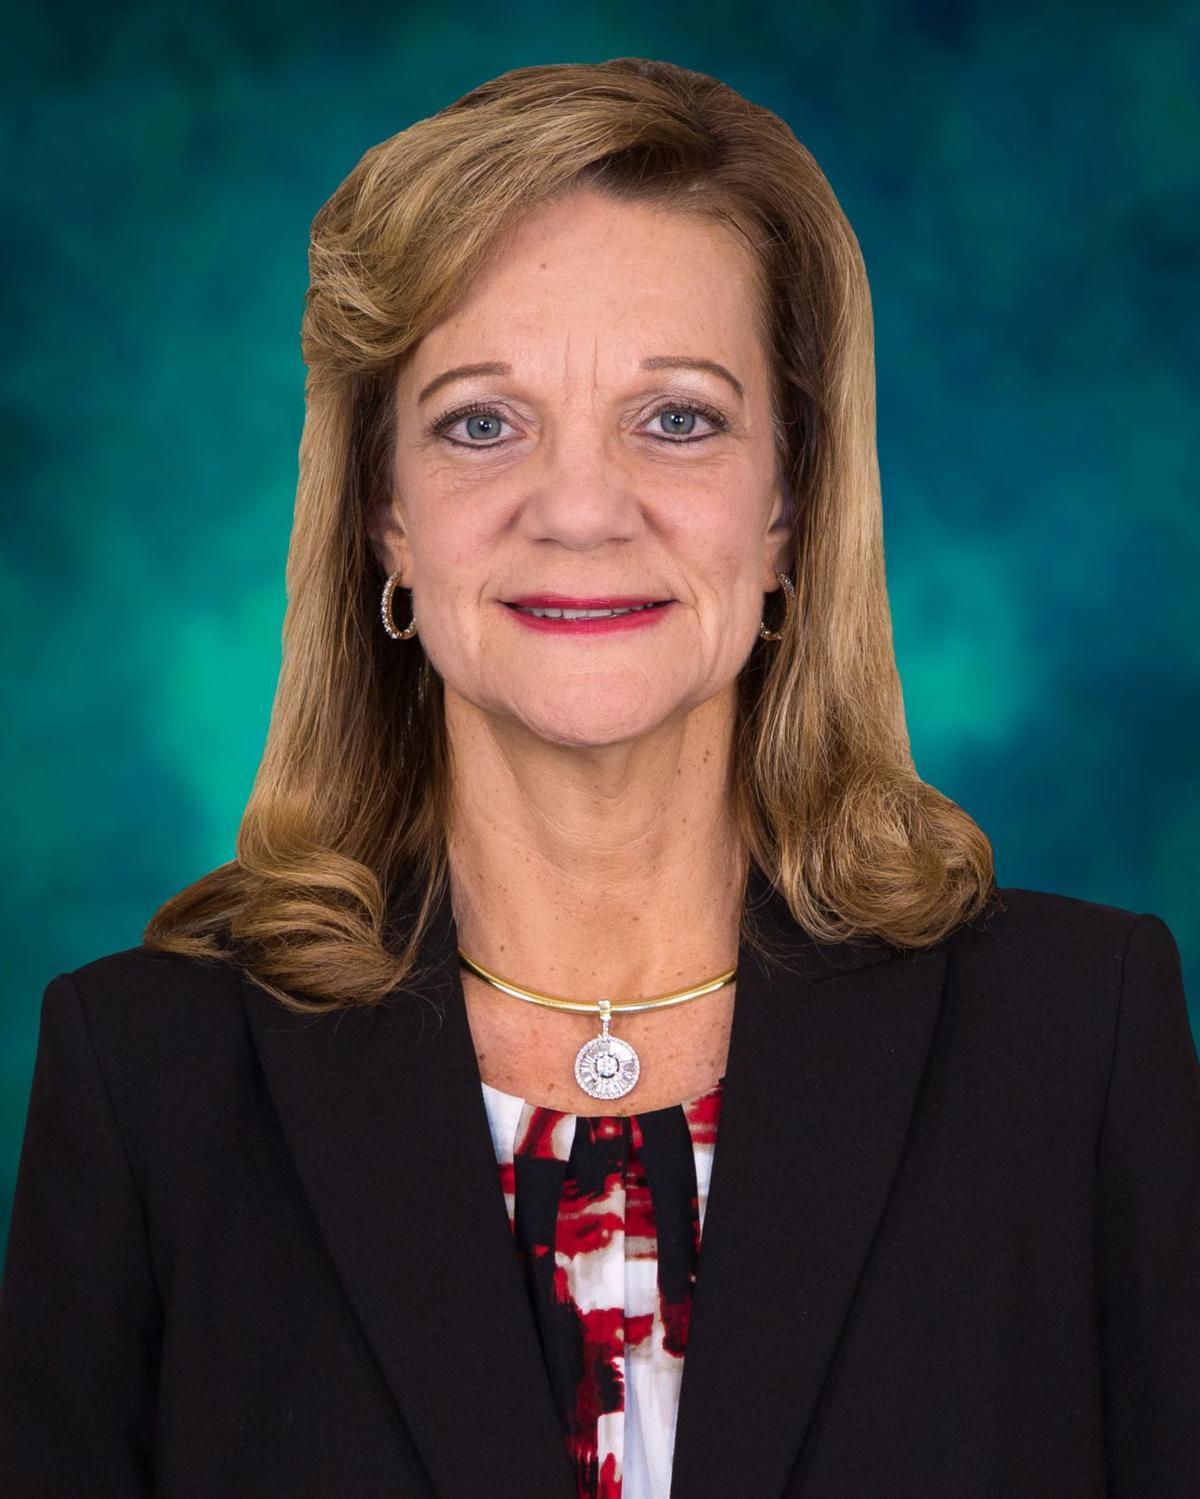 Jean Reid